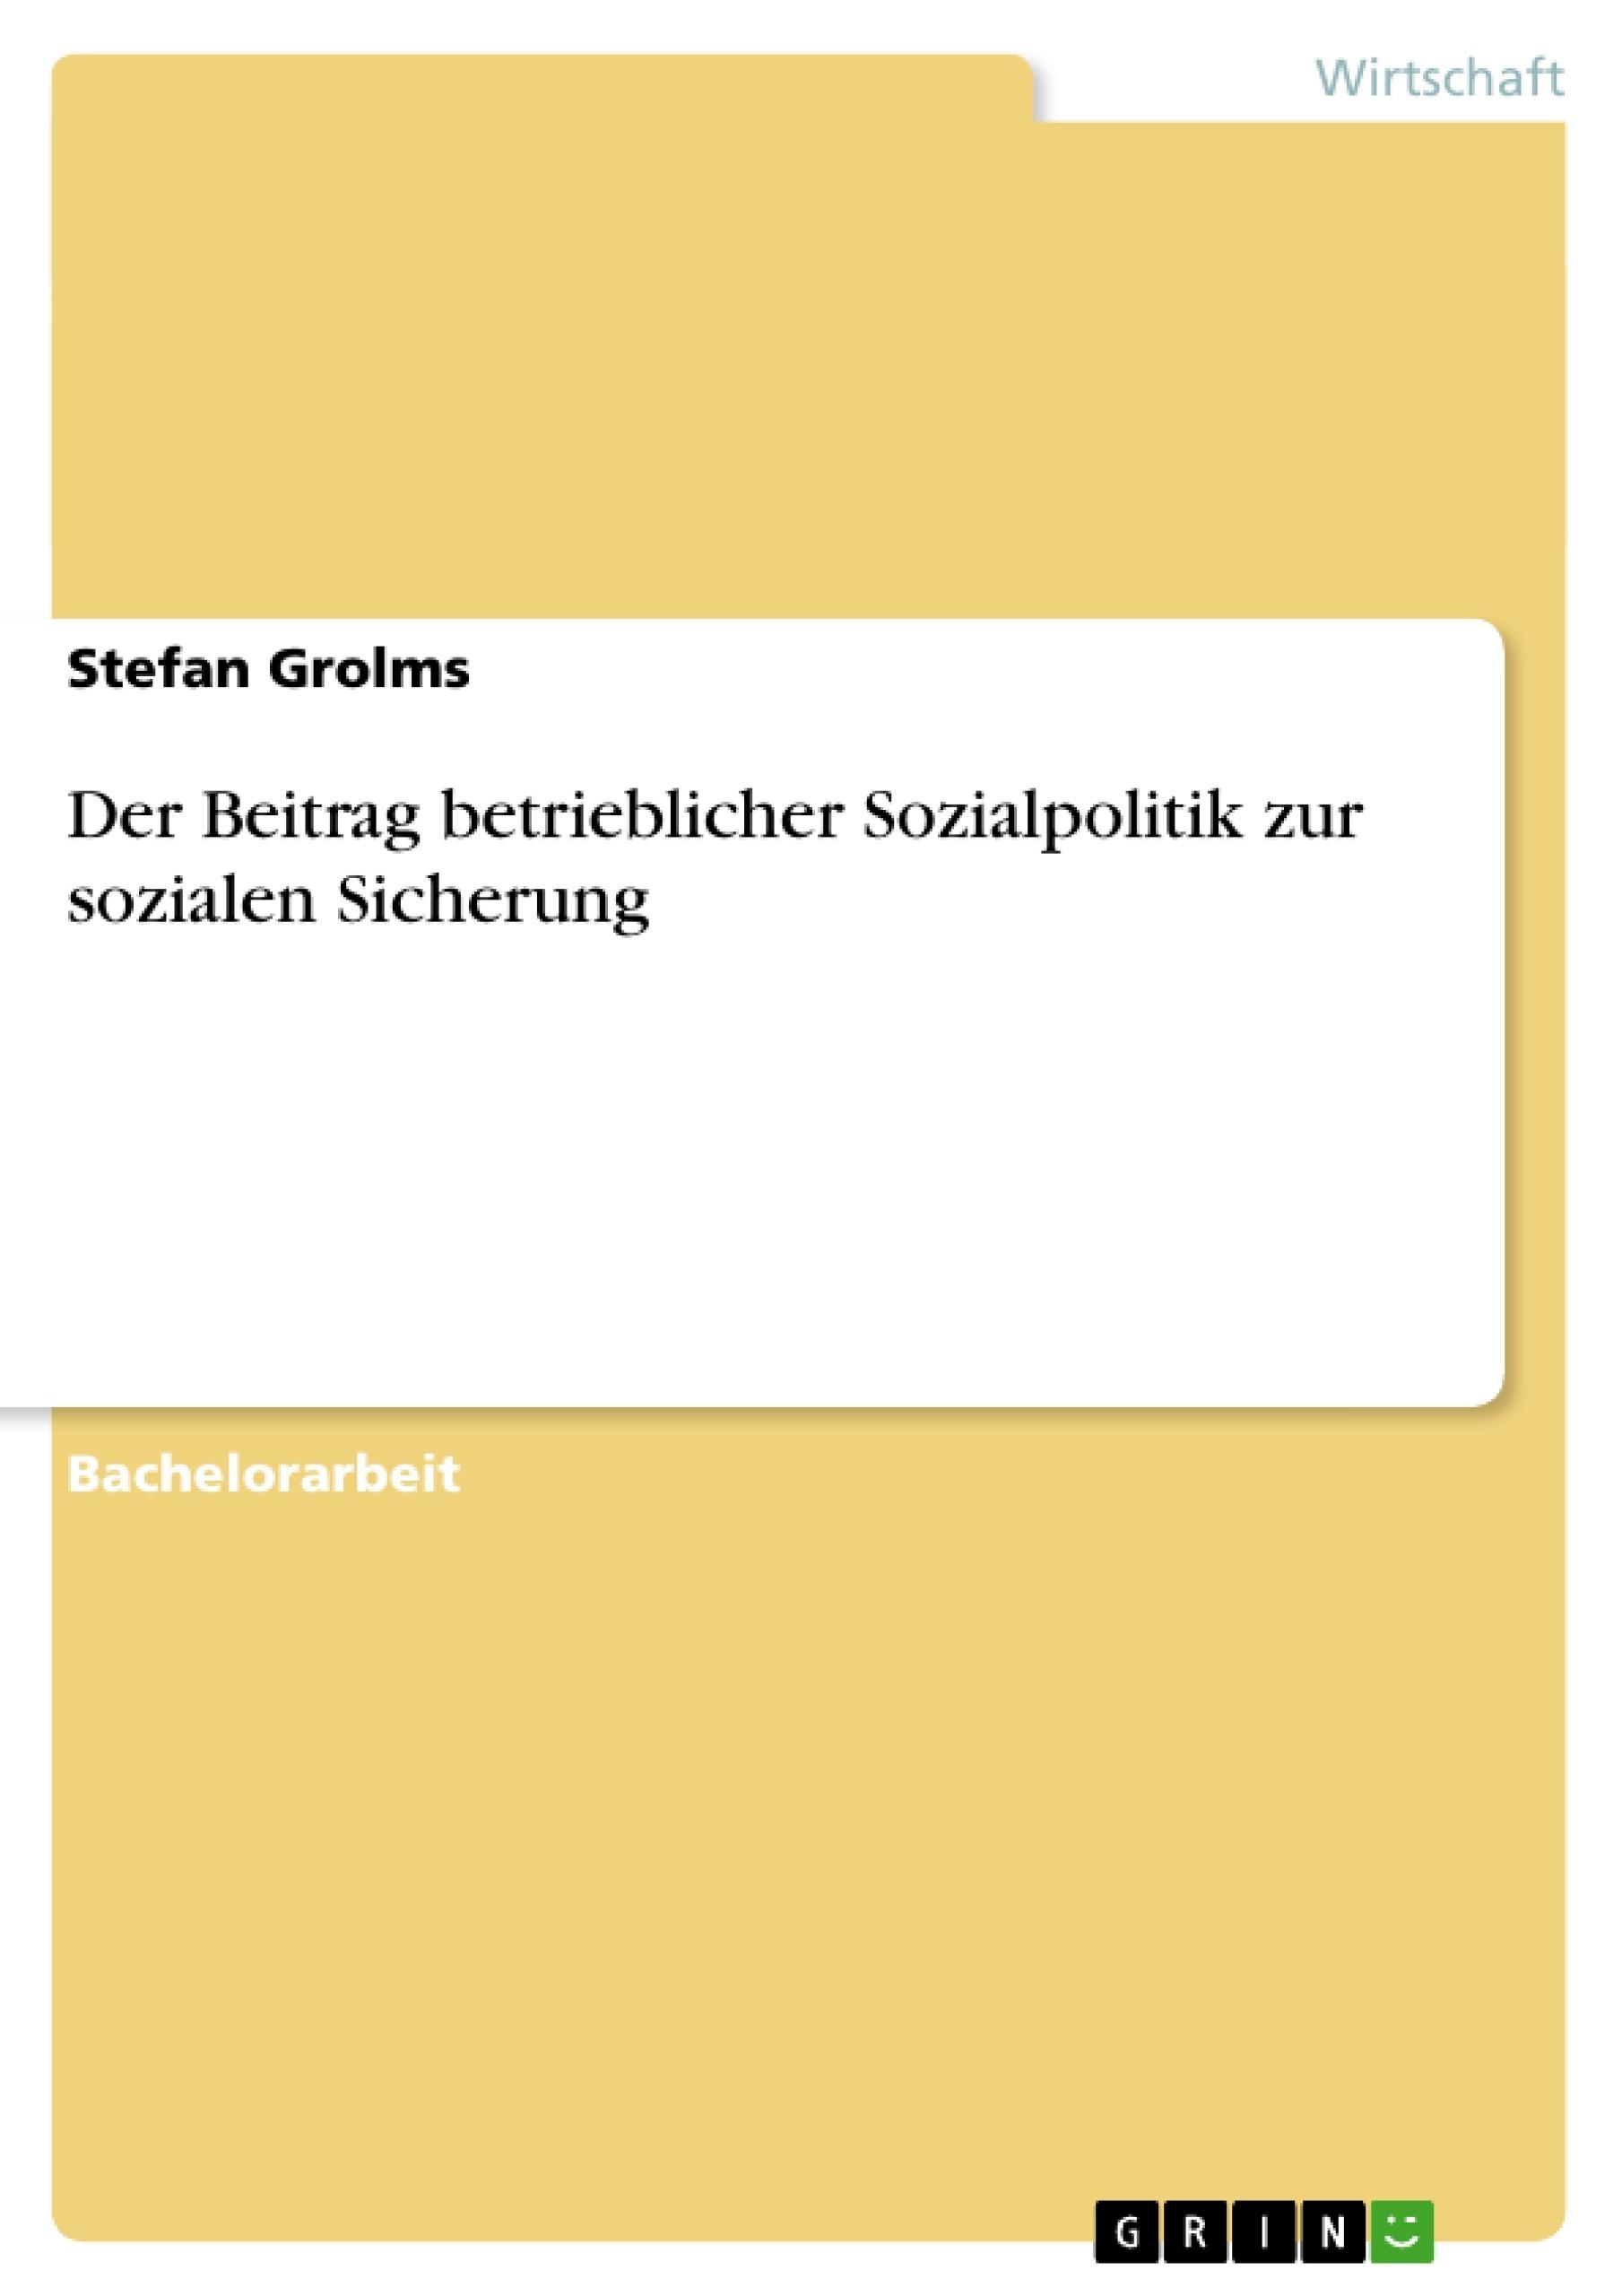 Titel: Der Beitrag betrieblicher Sozialpolitik zur sozialen Sicherung